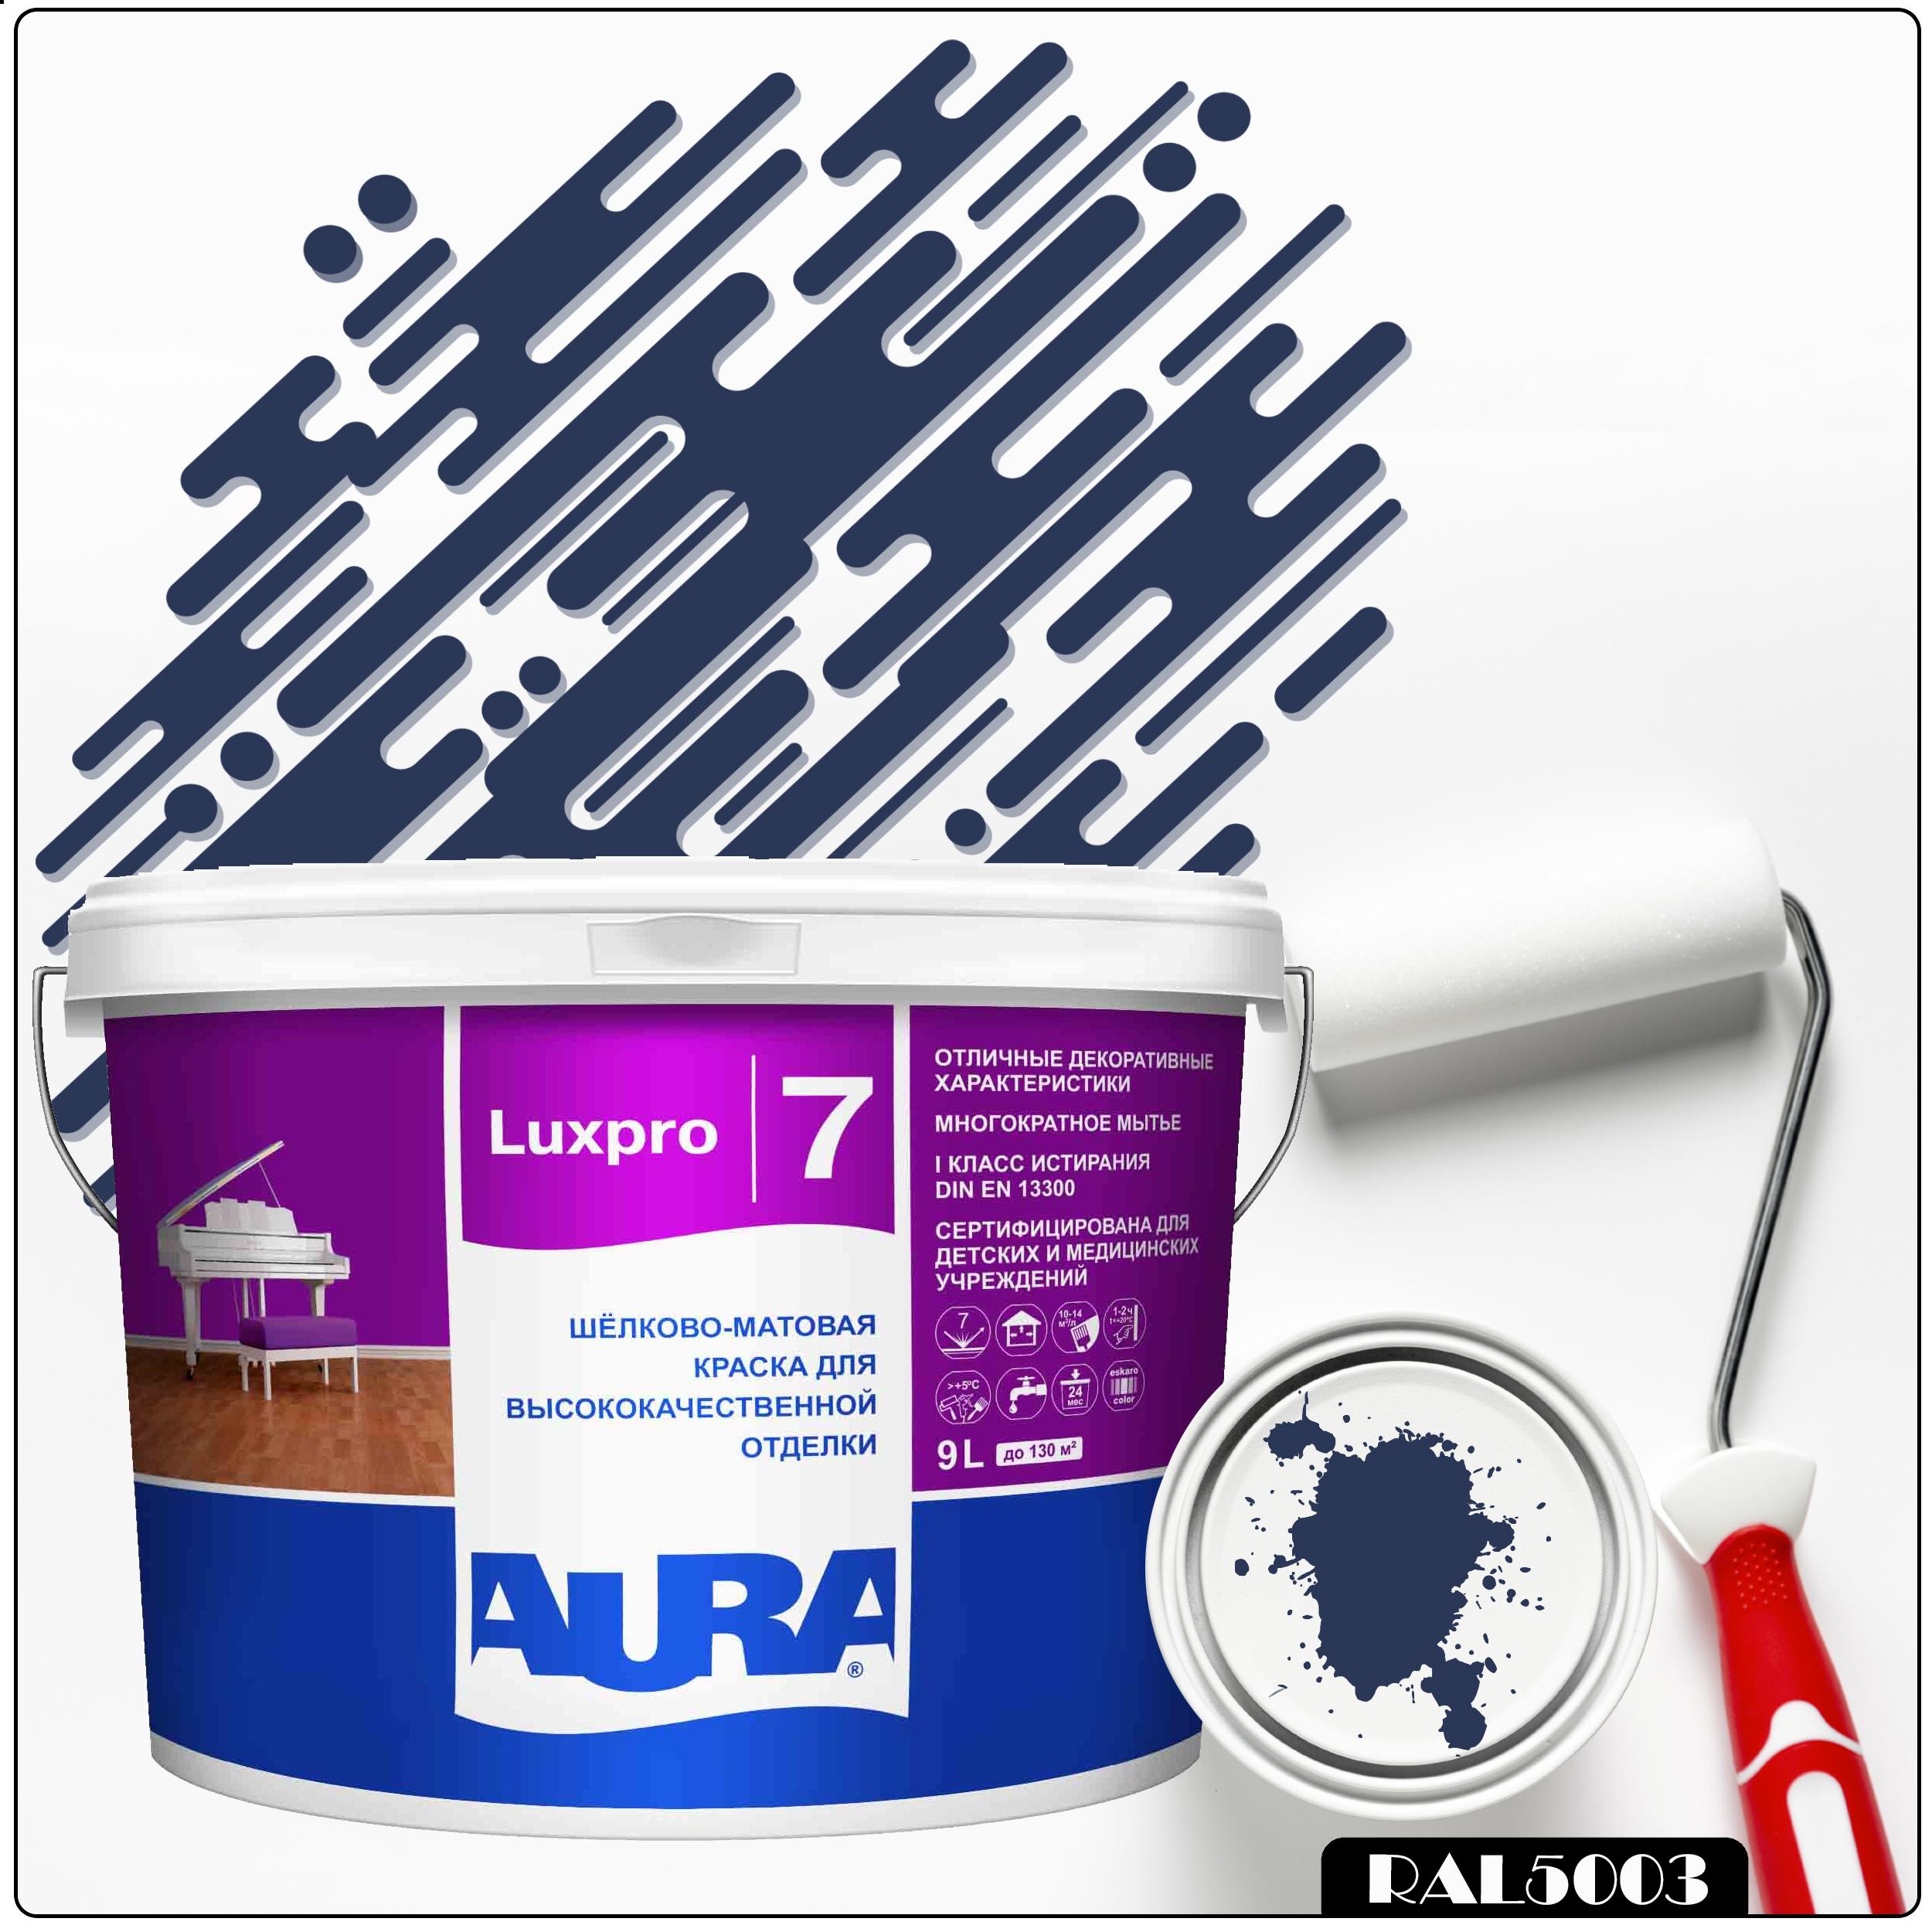 Фото 4 - Краска Aura LuxPRO 7, RAL 5003 Сапфирово-синий, латексная, шелково-матовая, интерьерная, 9л, Аура.